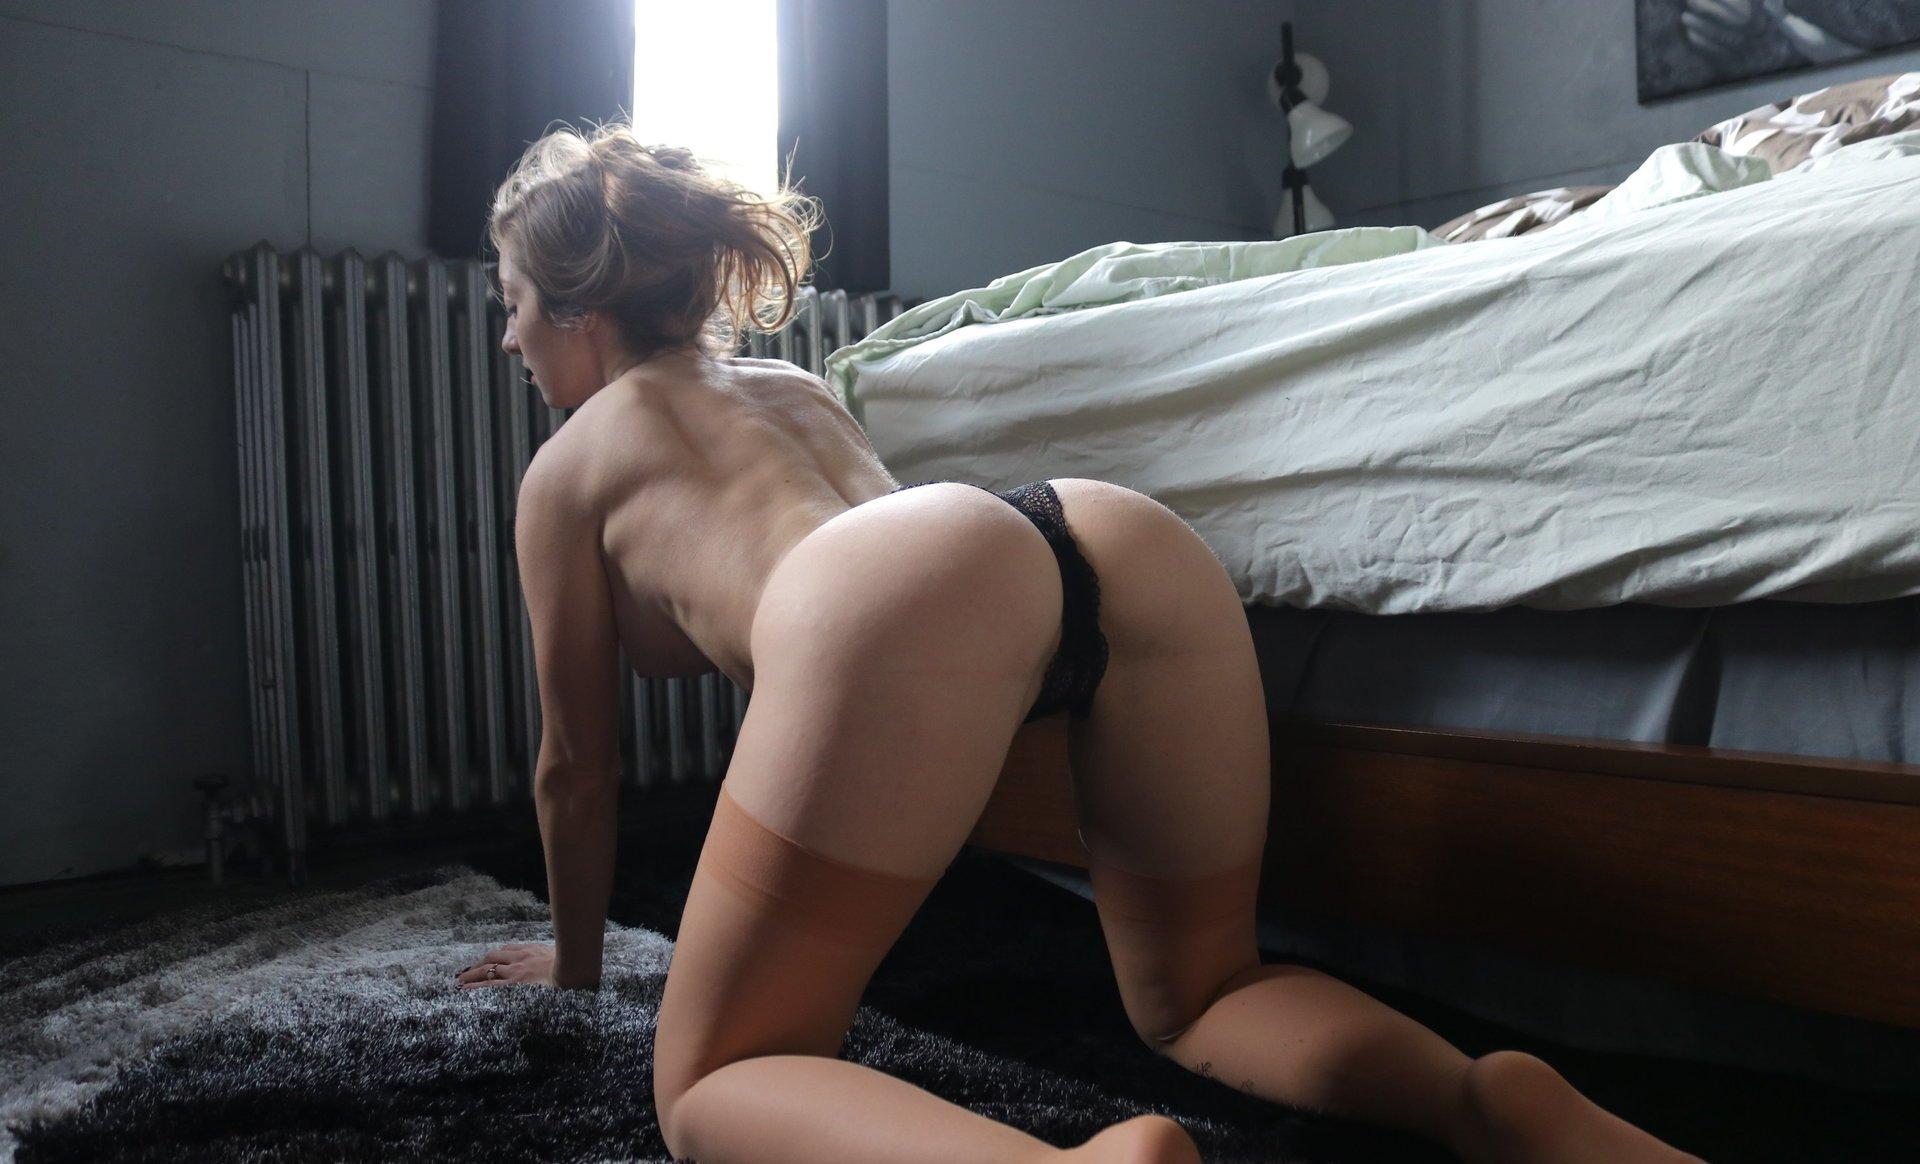 Abby Opel Onlyfans Nude Leaks 0029